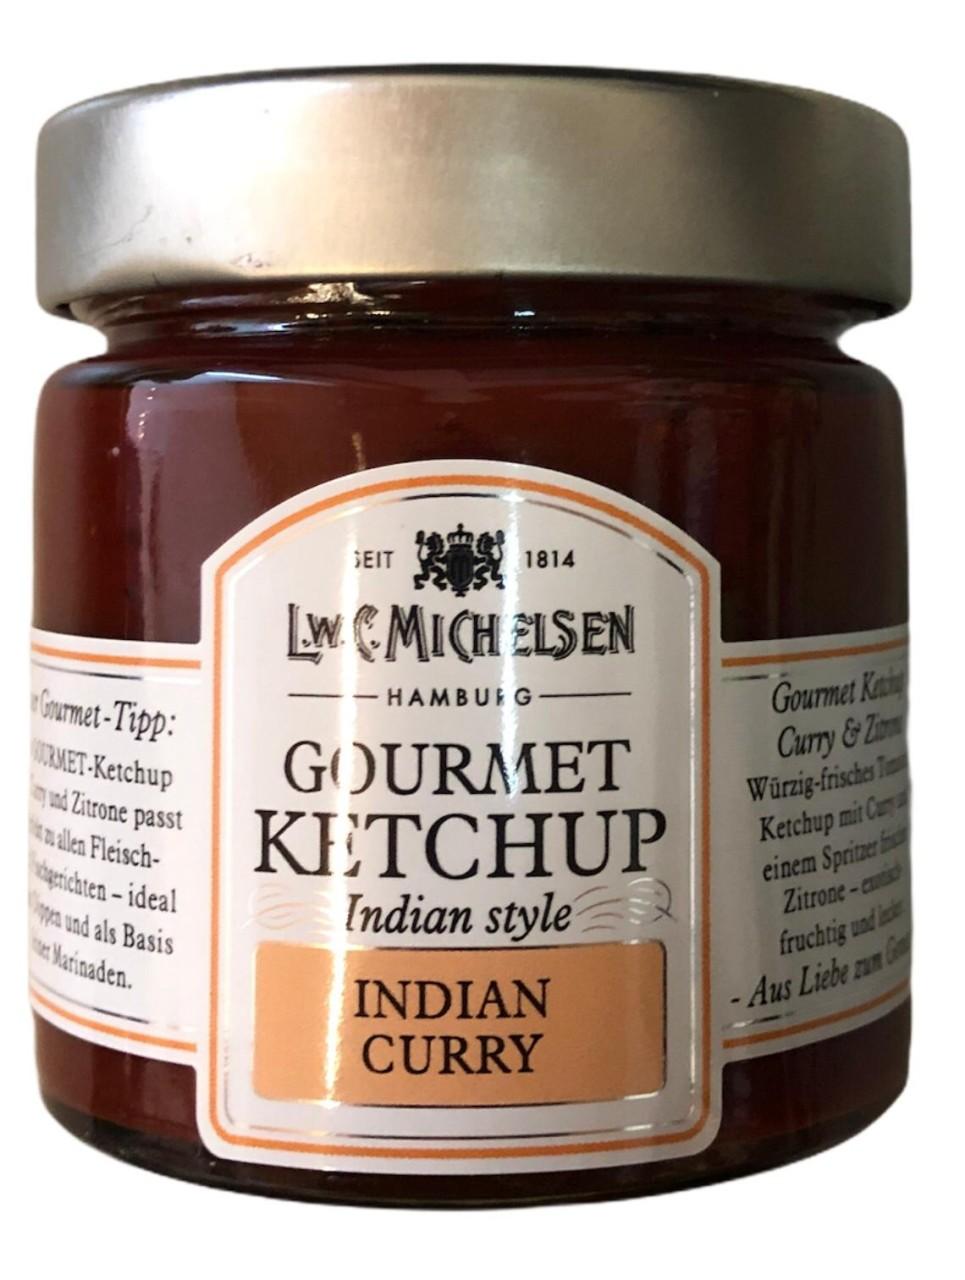 L.W.C. Michelsen Gourmet Ketschup Indian Curry 212g